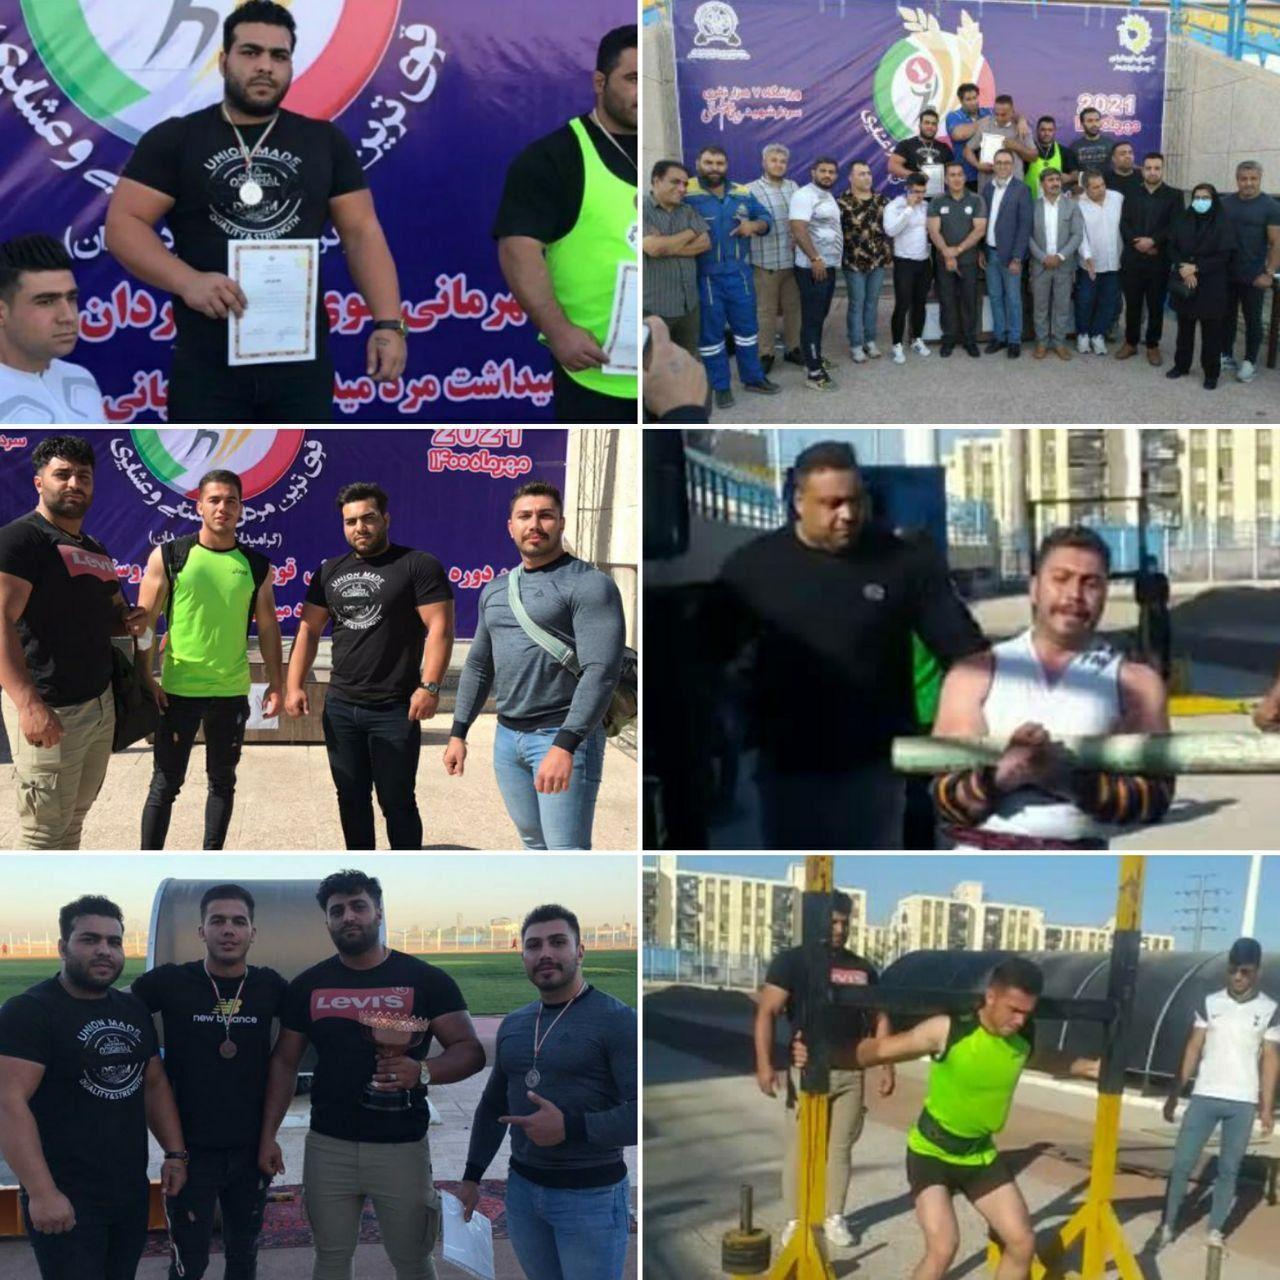 افتخار آفرینی ۳ نفر از ورزشکاران شهرستان دماوند در مسابقات «مردان میدان» استان تهران